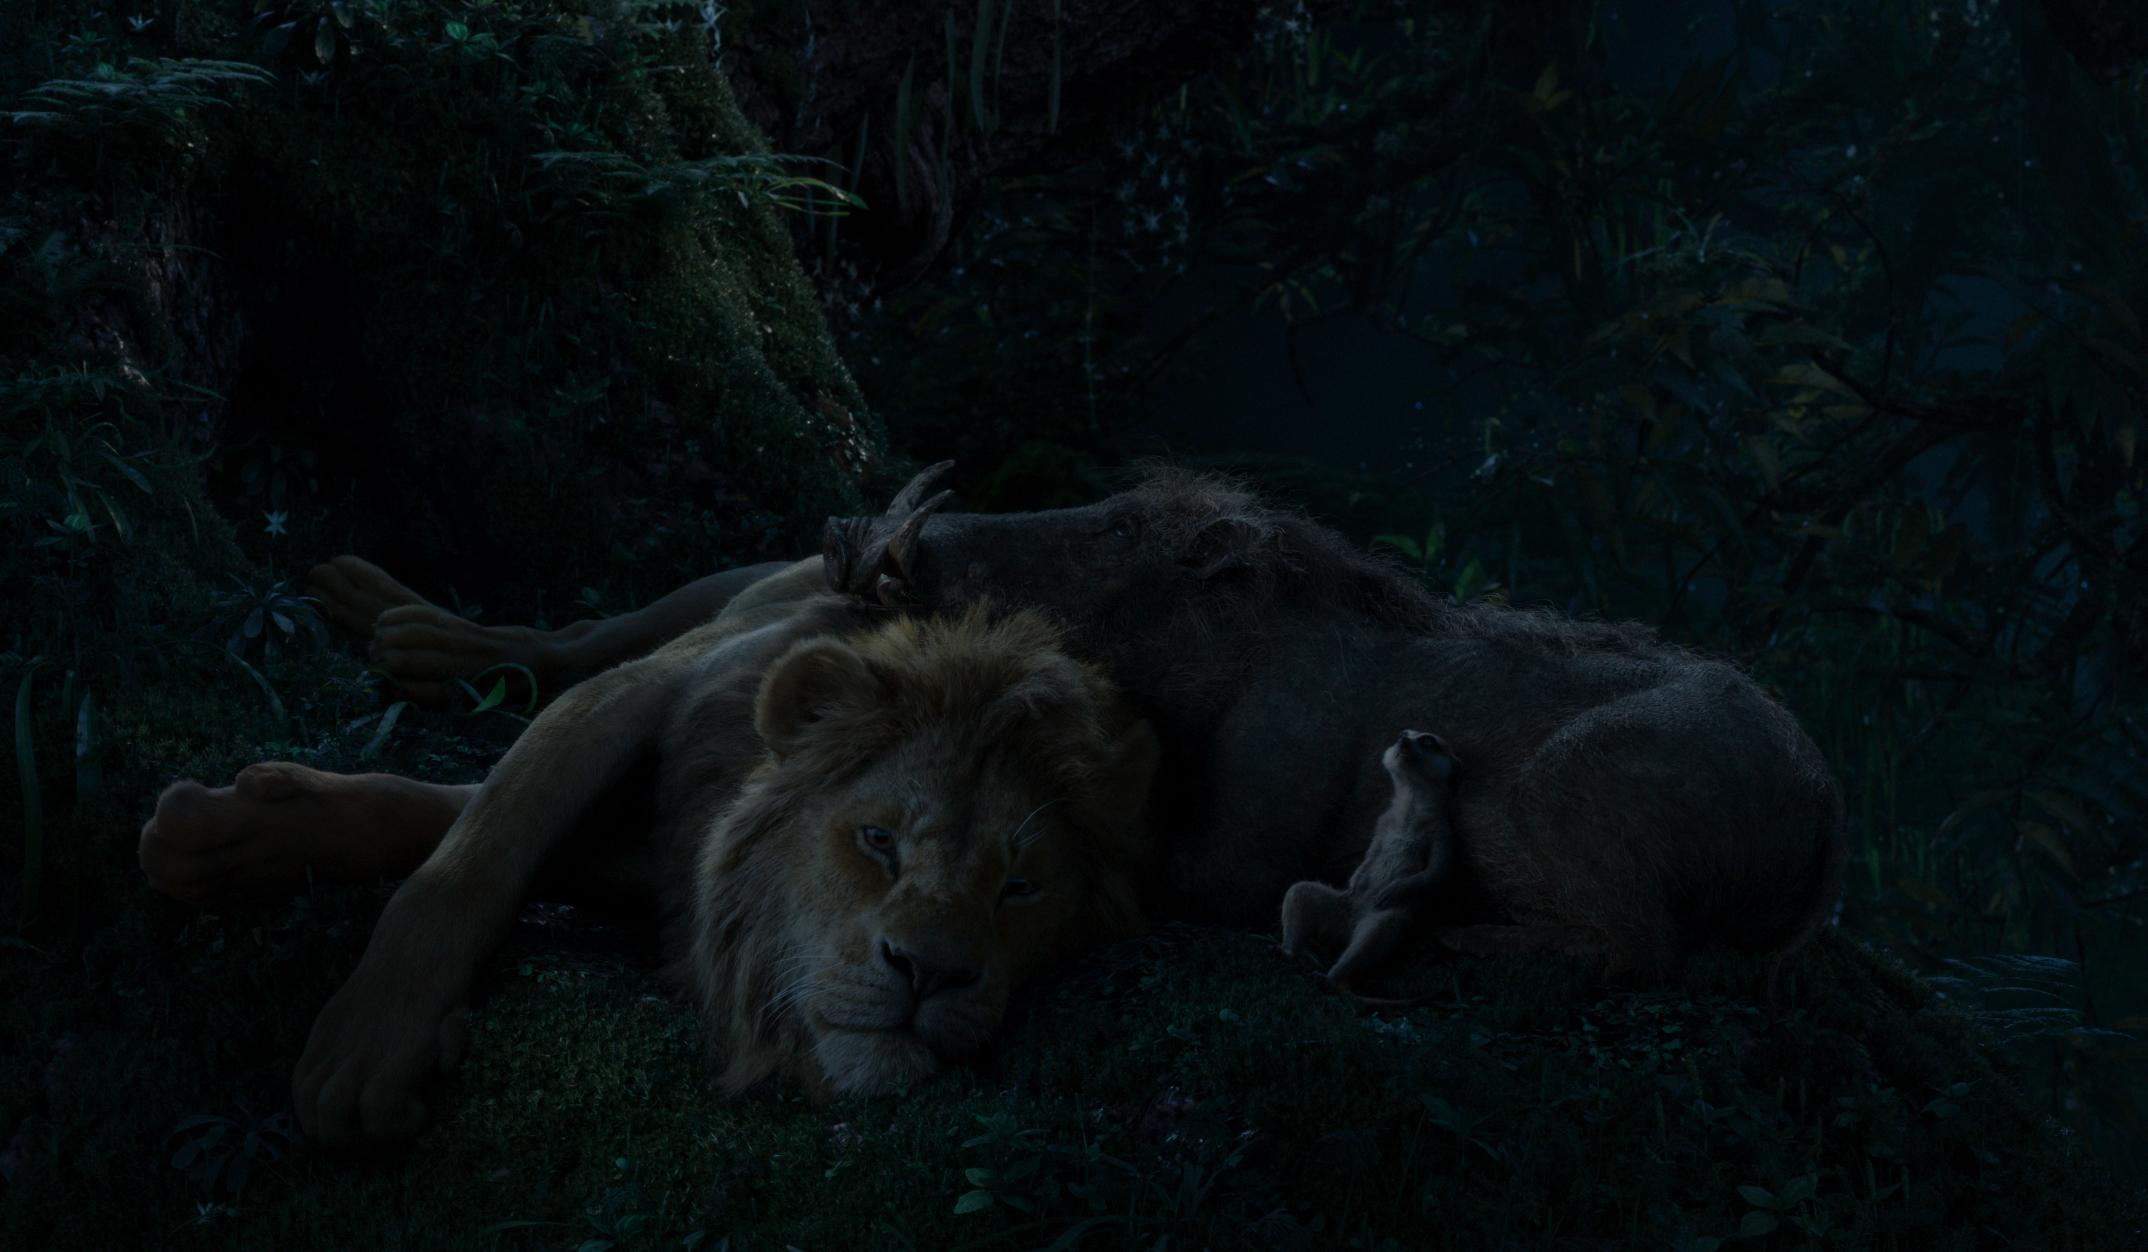 Simba, Timon, and Pumba sleeping